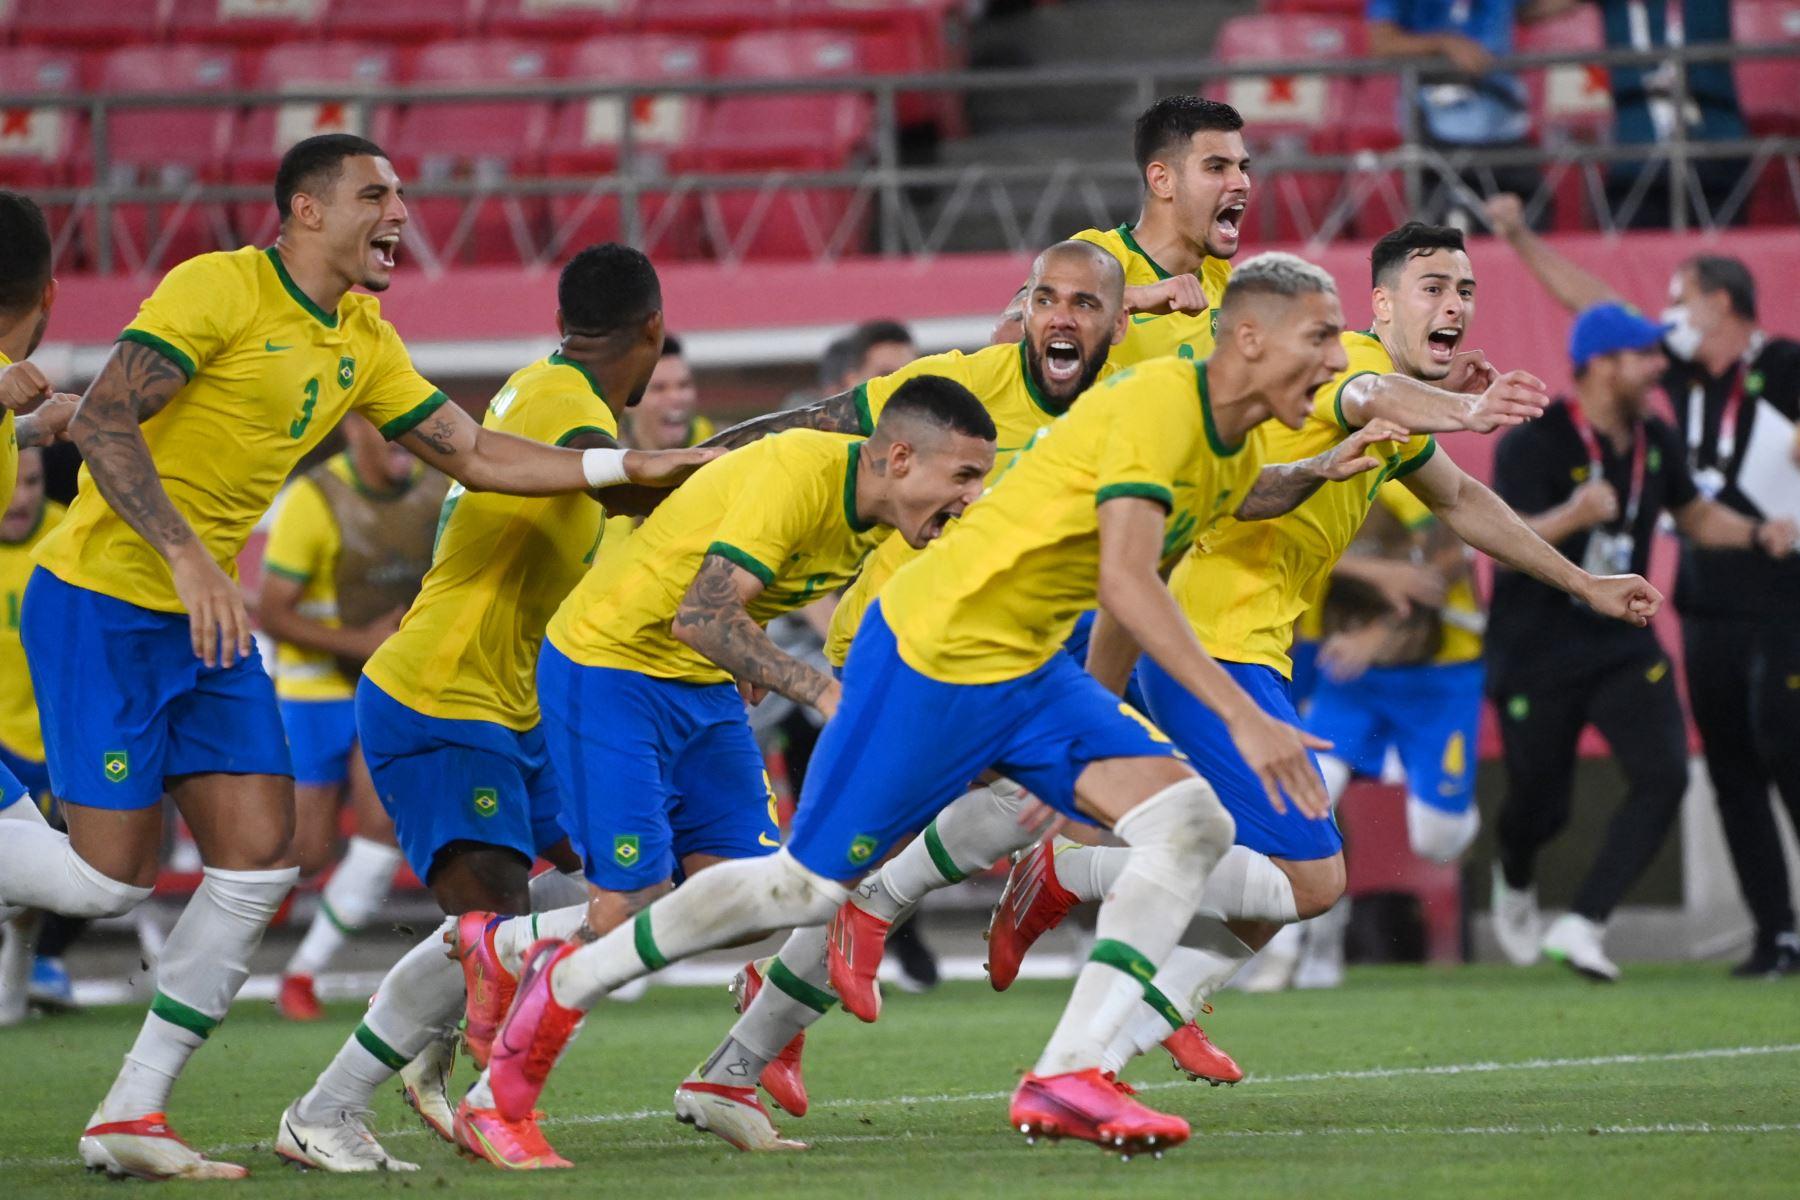 Los jugadores de Brasil celebran ganar el partido de fútbol de semifinales masculinos de los Juegos Olímpicos de Tokio 2020 entre México y Brasil en el estadio Ibaraki Kashima.  Foto: AFP